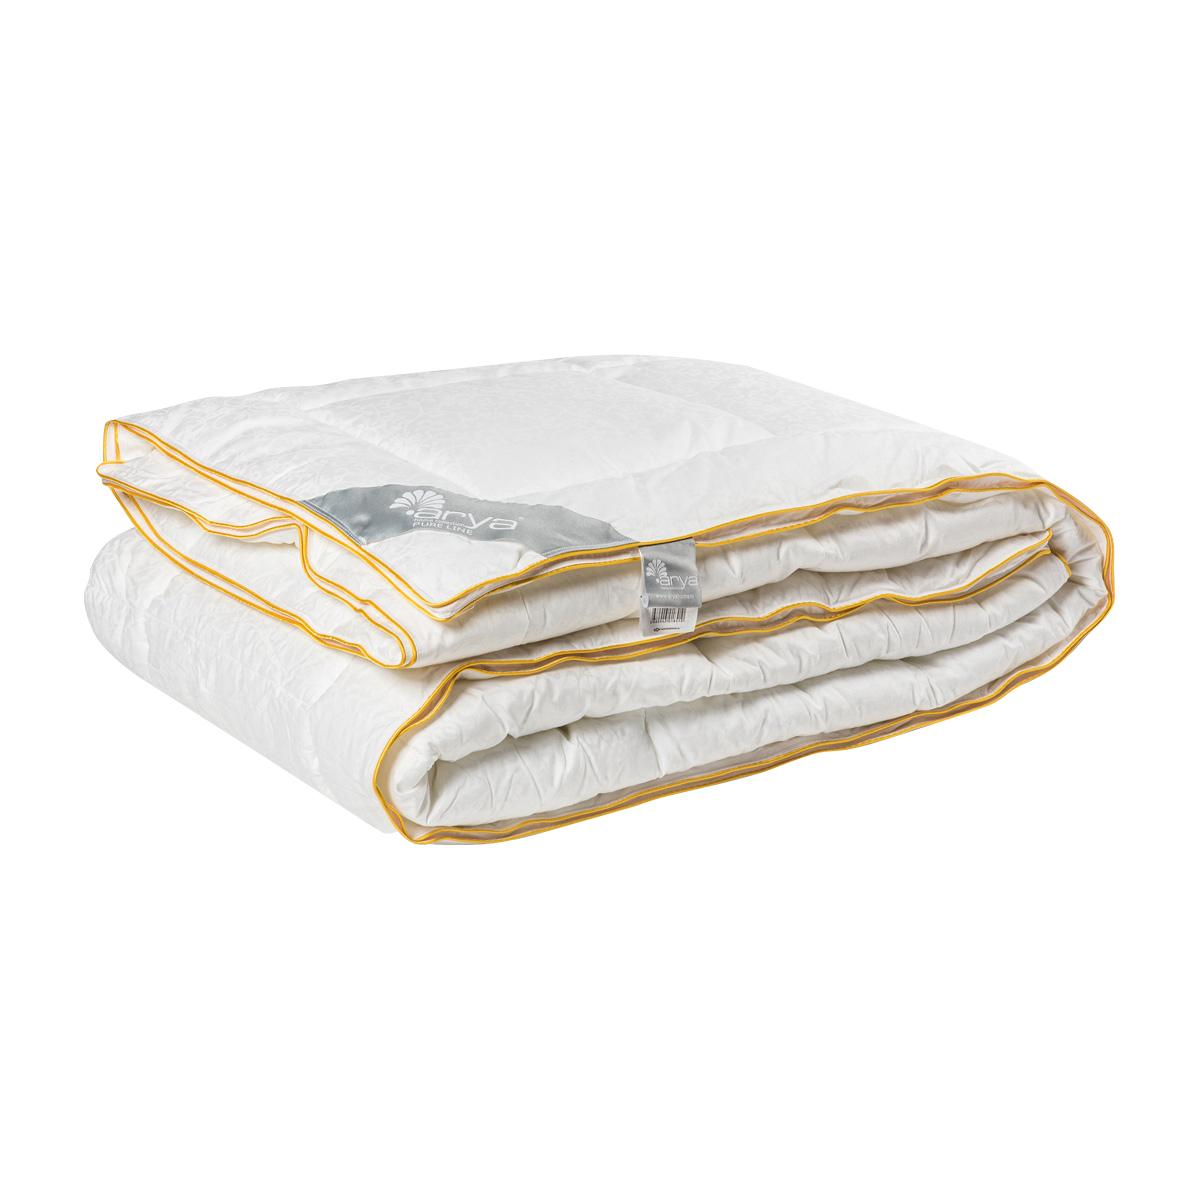 Одеяло Arya home collection Imperius 215х195 см силиконизированное волокно